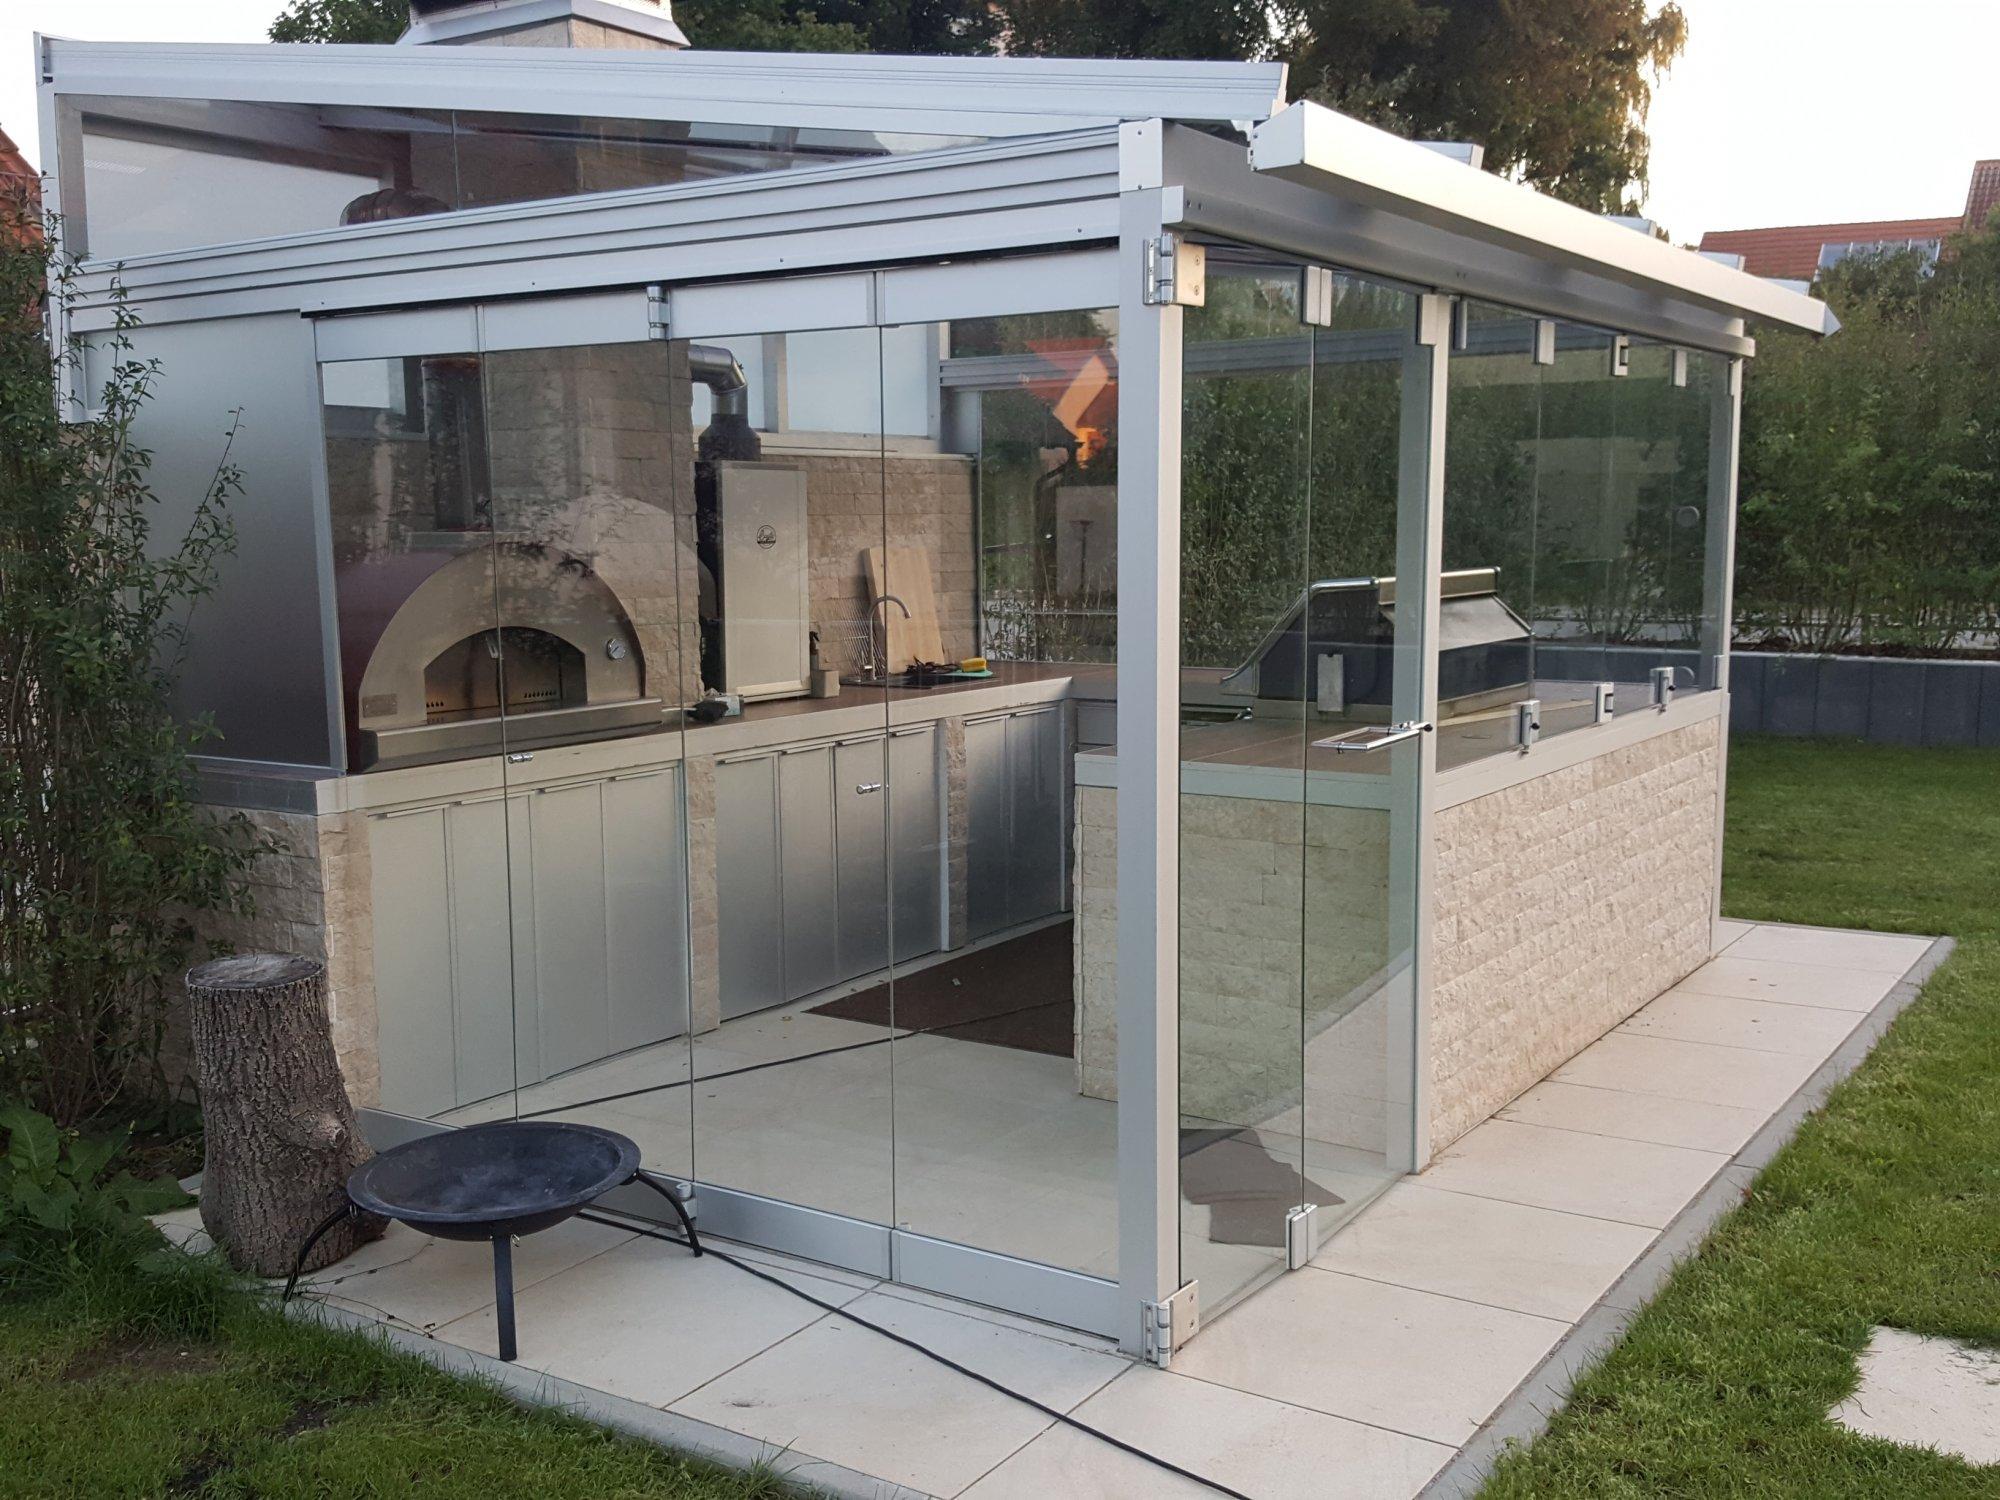 Outdoor Küche Kleingarten : Außenküche im schrebergarten planung grillforum und bbq